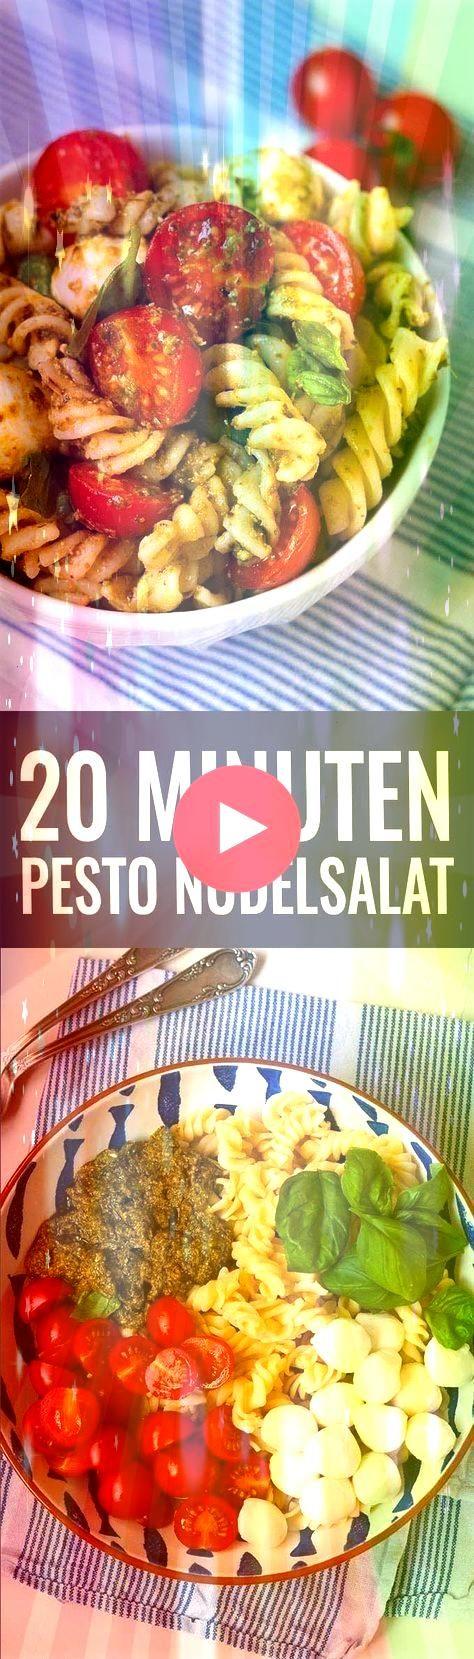 Nudelsalat mit Pesto Tomate und Mozzarella  Essen Trinken 20Minuten Nudelsalat mit Pesto Tomate und Mozzarella  Essen Trinken  Du bist auf der Suche nach einem schnellen...